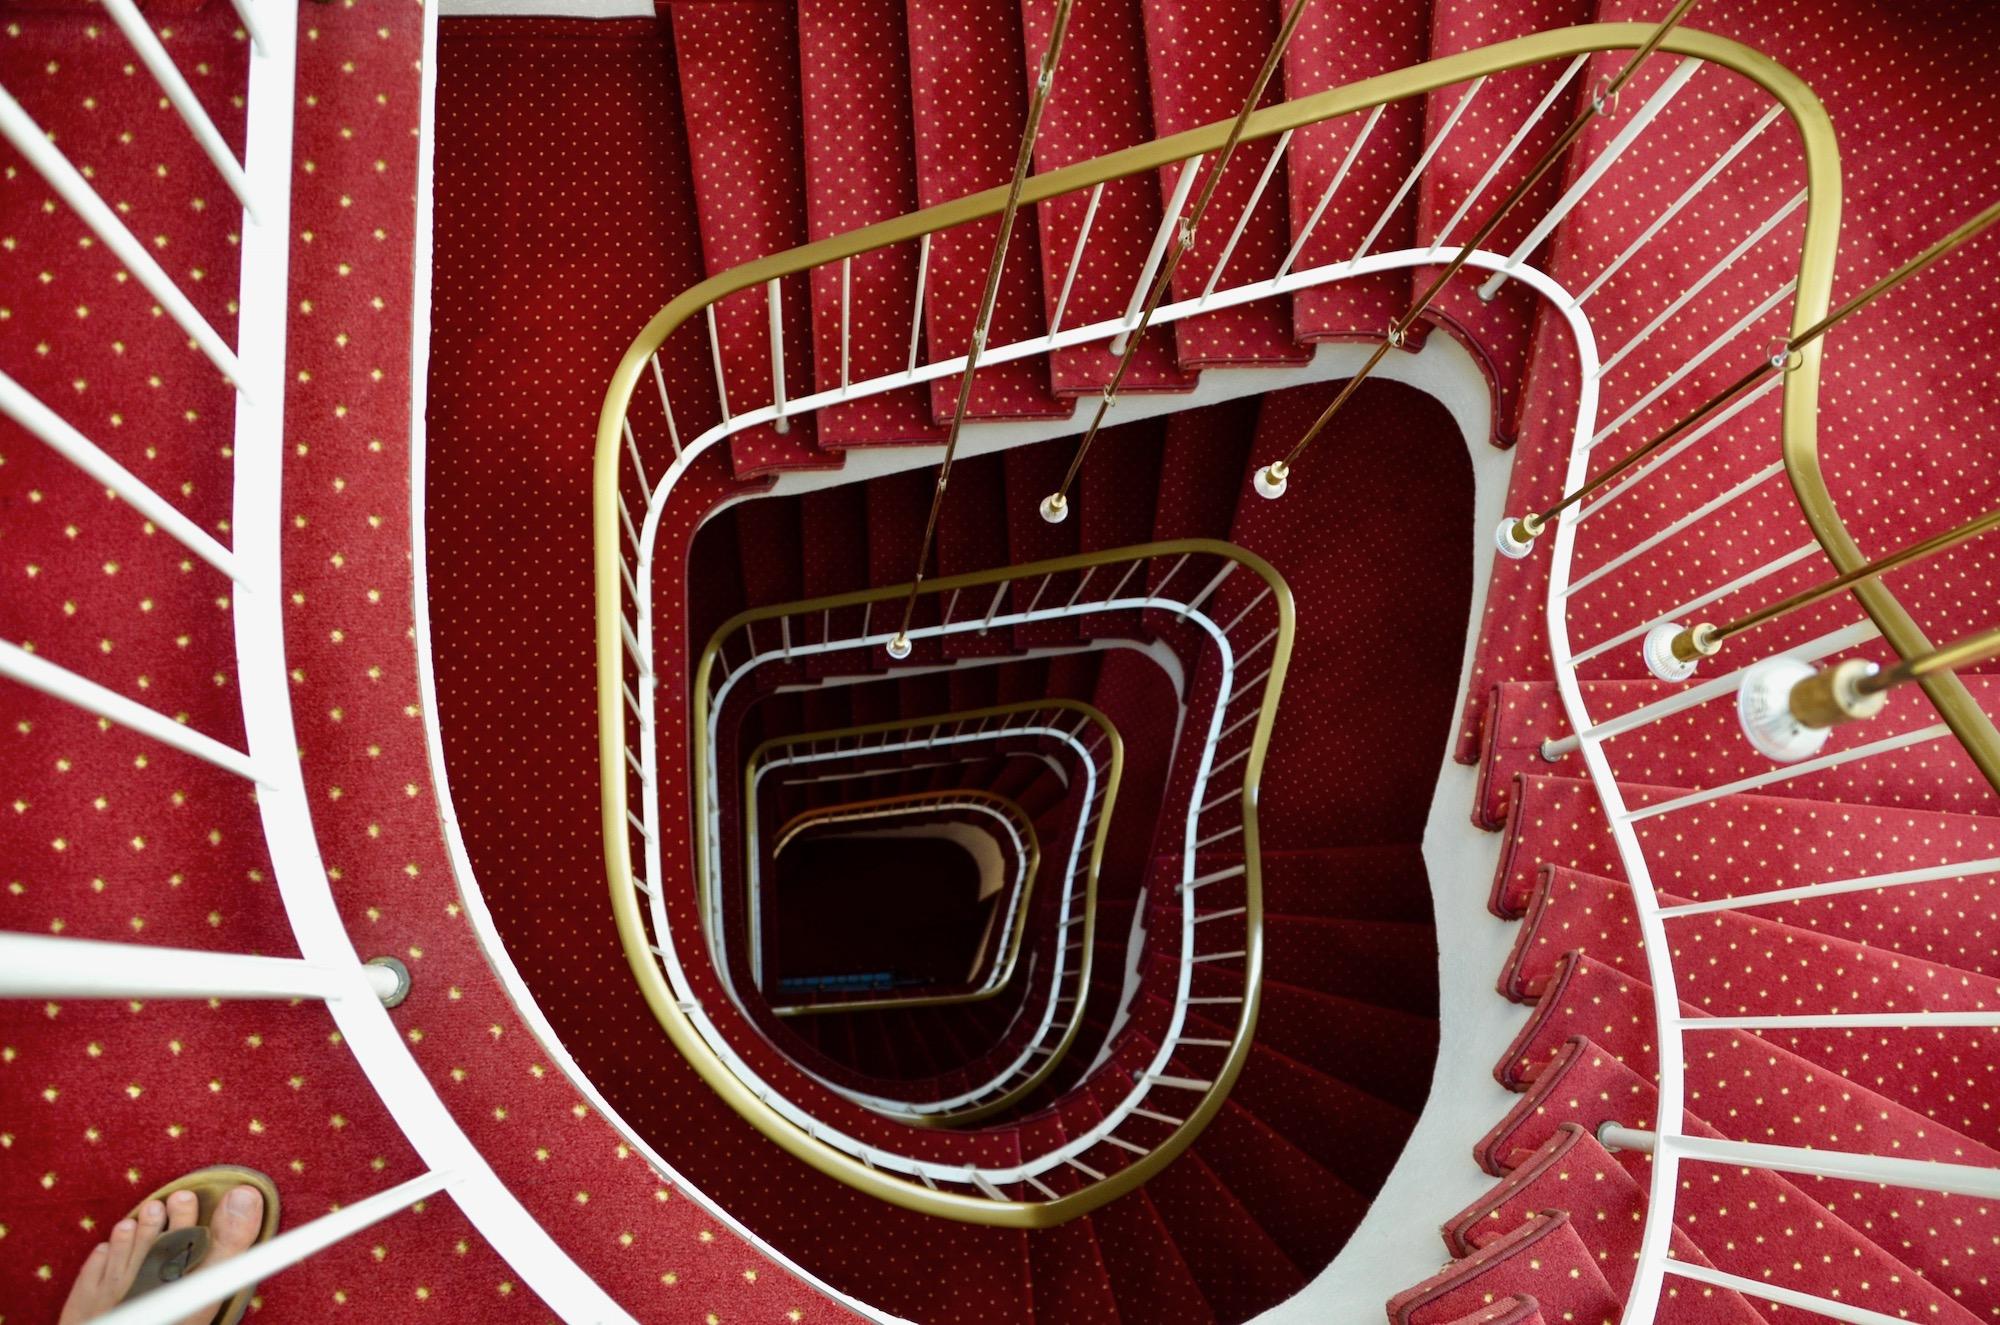 altmodisches Spiraltreppenhaus mit rotem Teppich